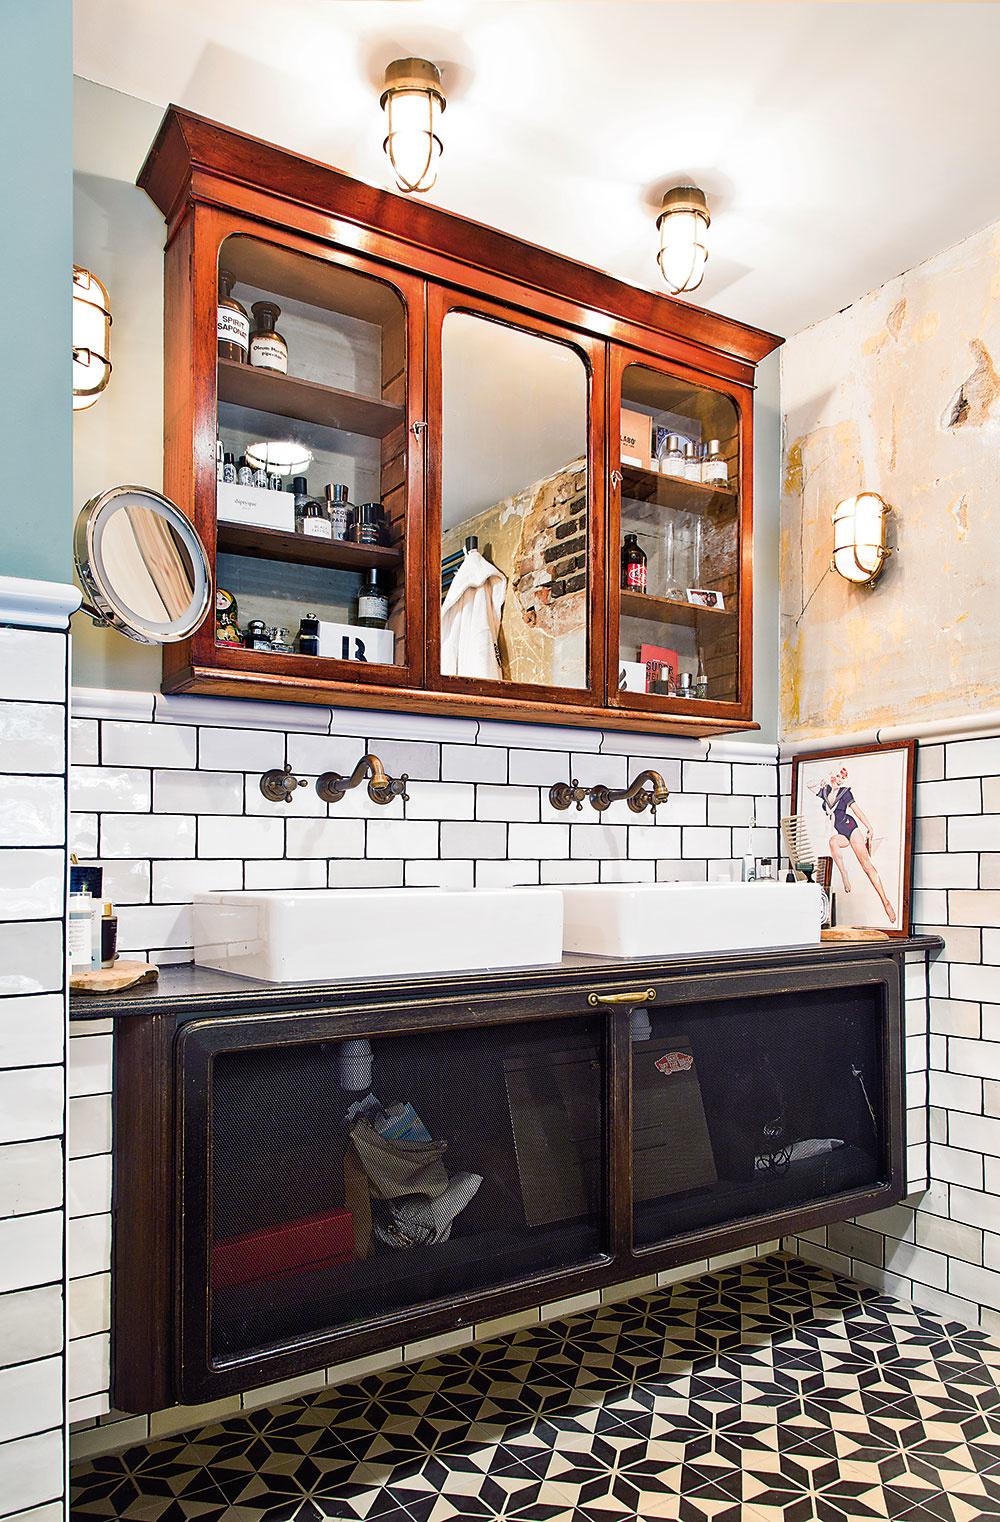 OPROTI VANI sú na starej zreparovanej skrinke položené dve hranaté umývadlá. Čierno-bielu farebnosť miestnosti spestruje hnedá visiaca policová skrinka so zrkadlom, ako inak, starožitná. Avšetko to pekne dopĺňajú továrenské svietidlá či staro pôsobiace armatúry.